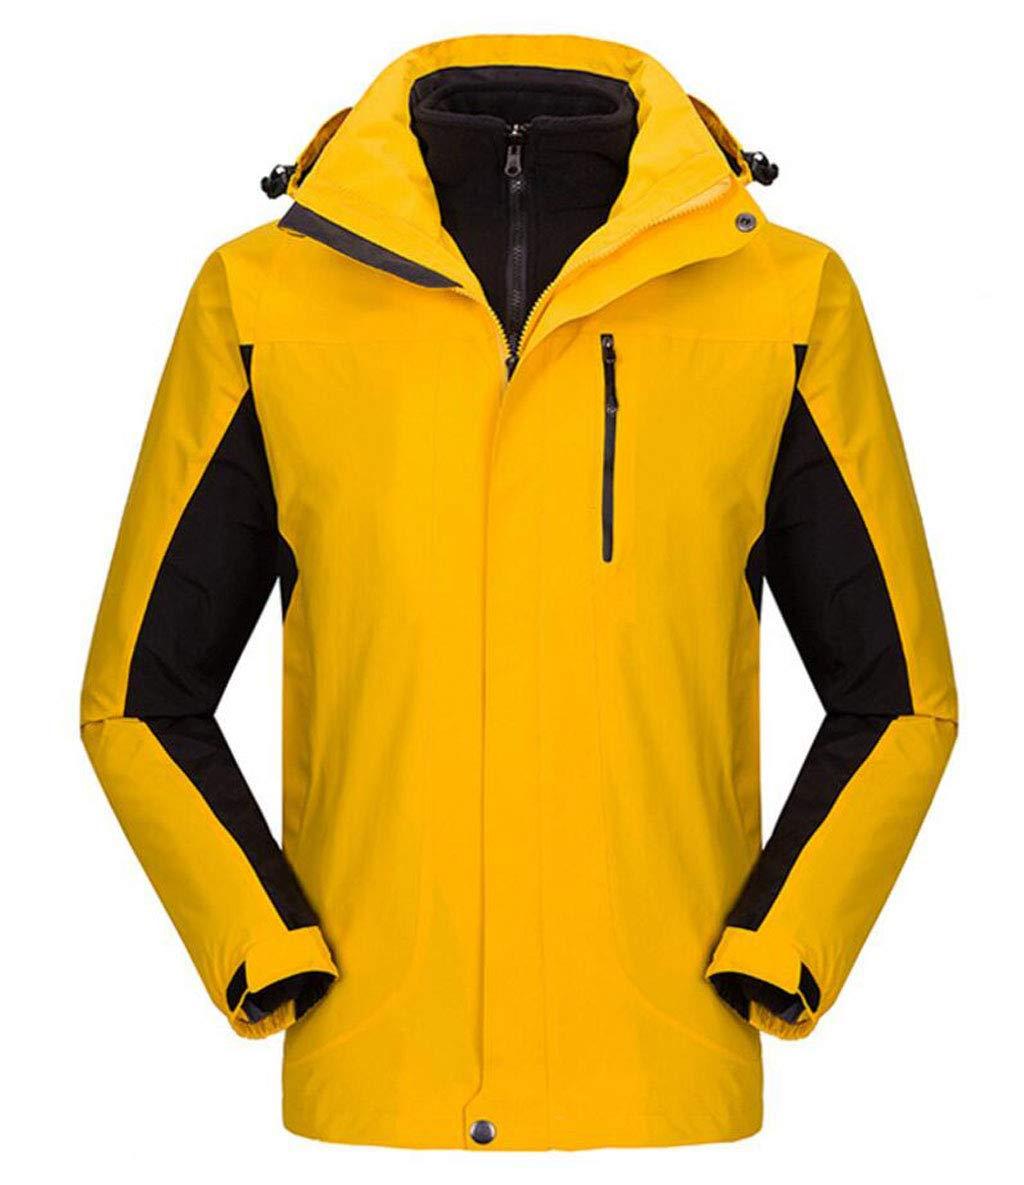 DAFREW Männer Wasserdichte Jacke, Herbst Und Winter Warme Bergsteigen Kleidung Berg Ski Wear Fleece (Farbe : Gelb, größe : XL)